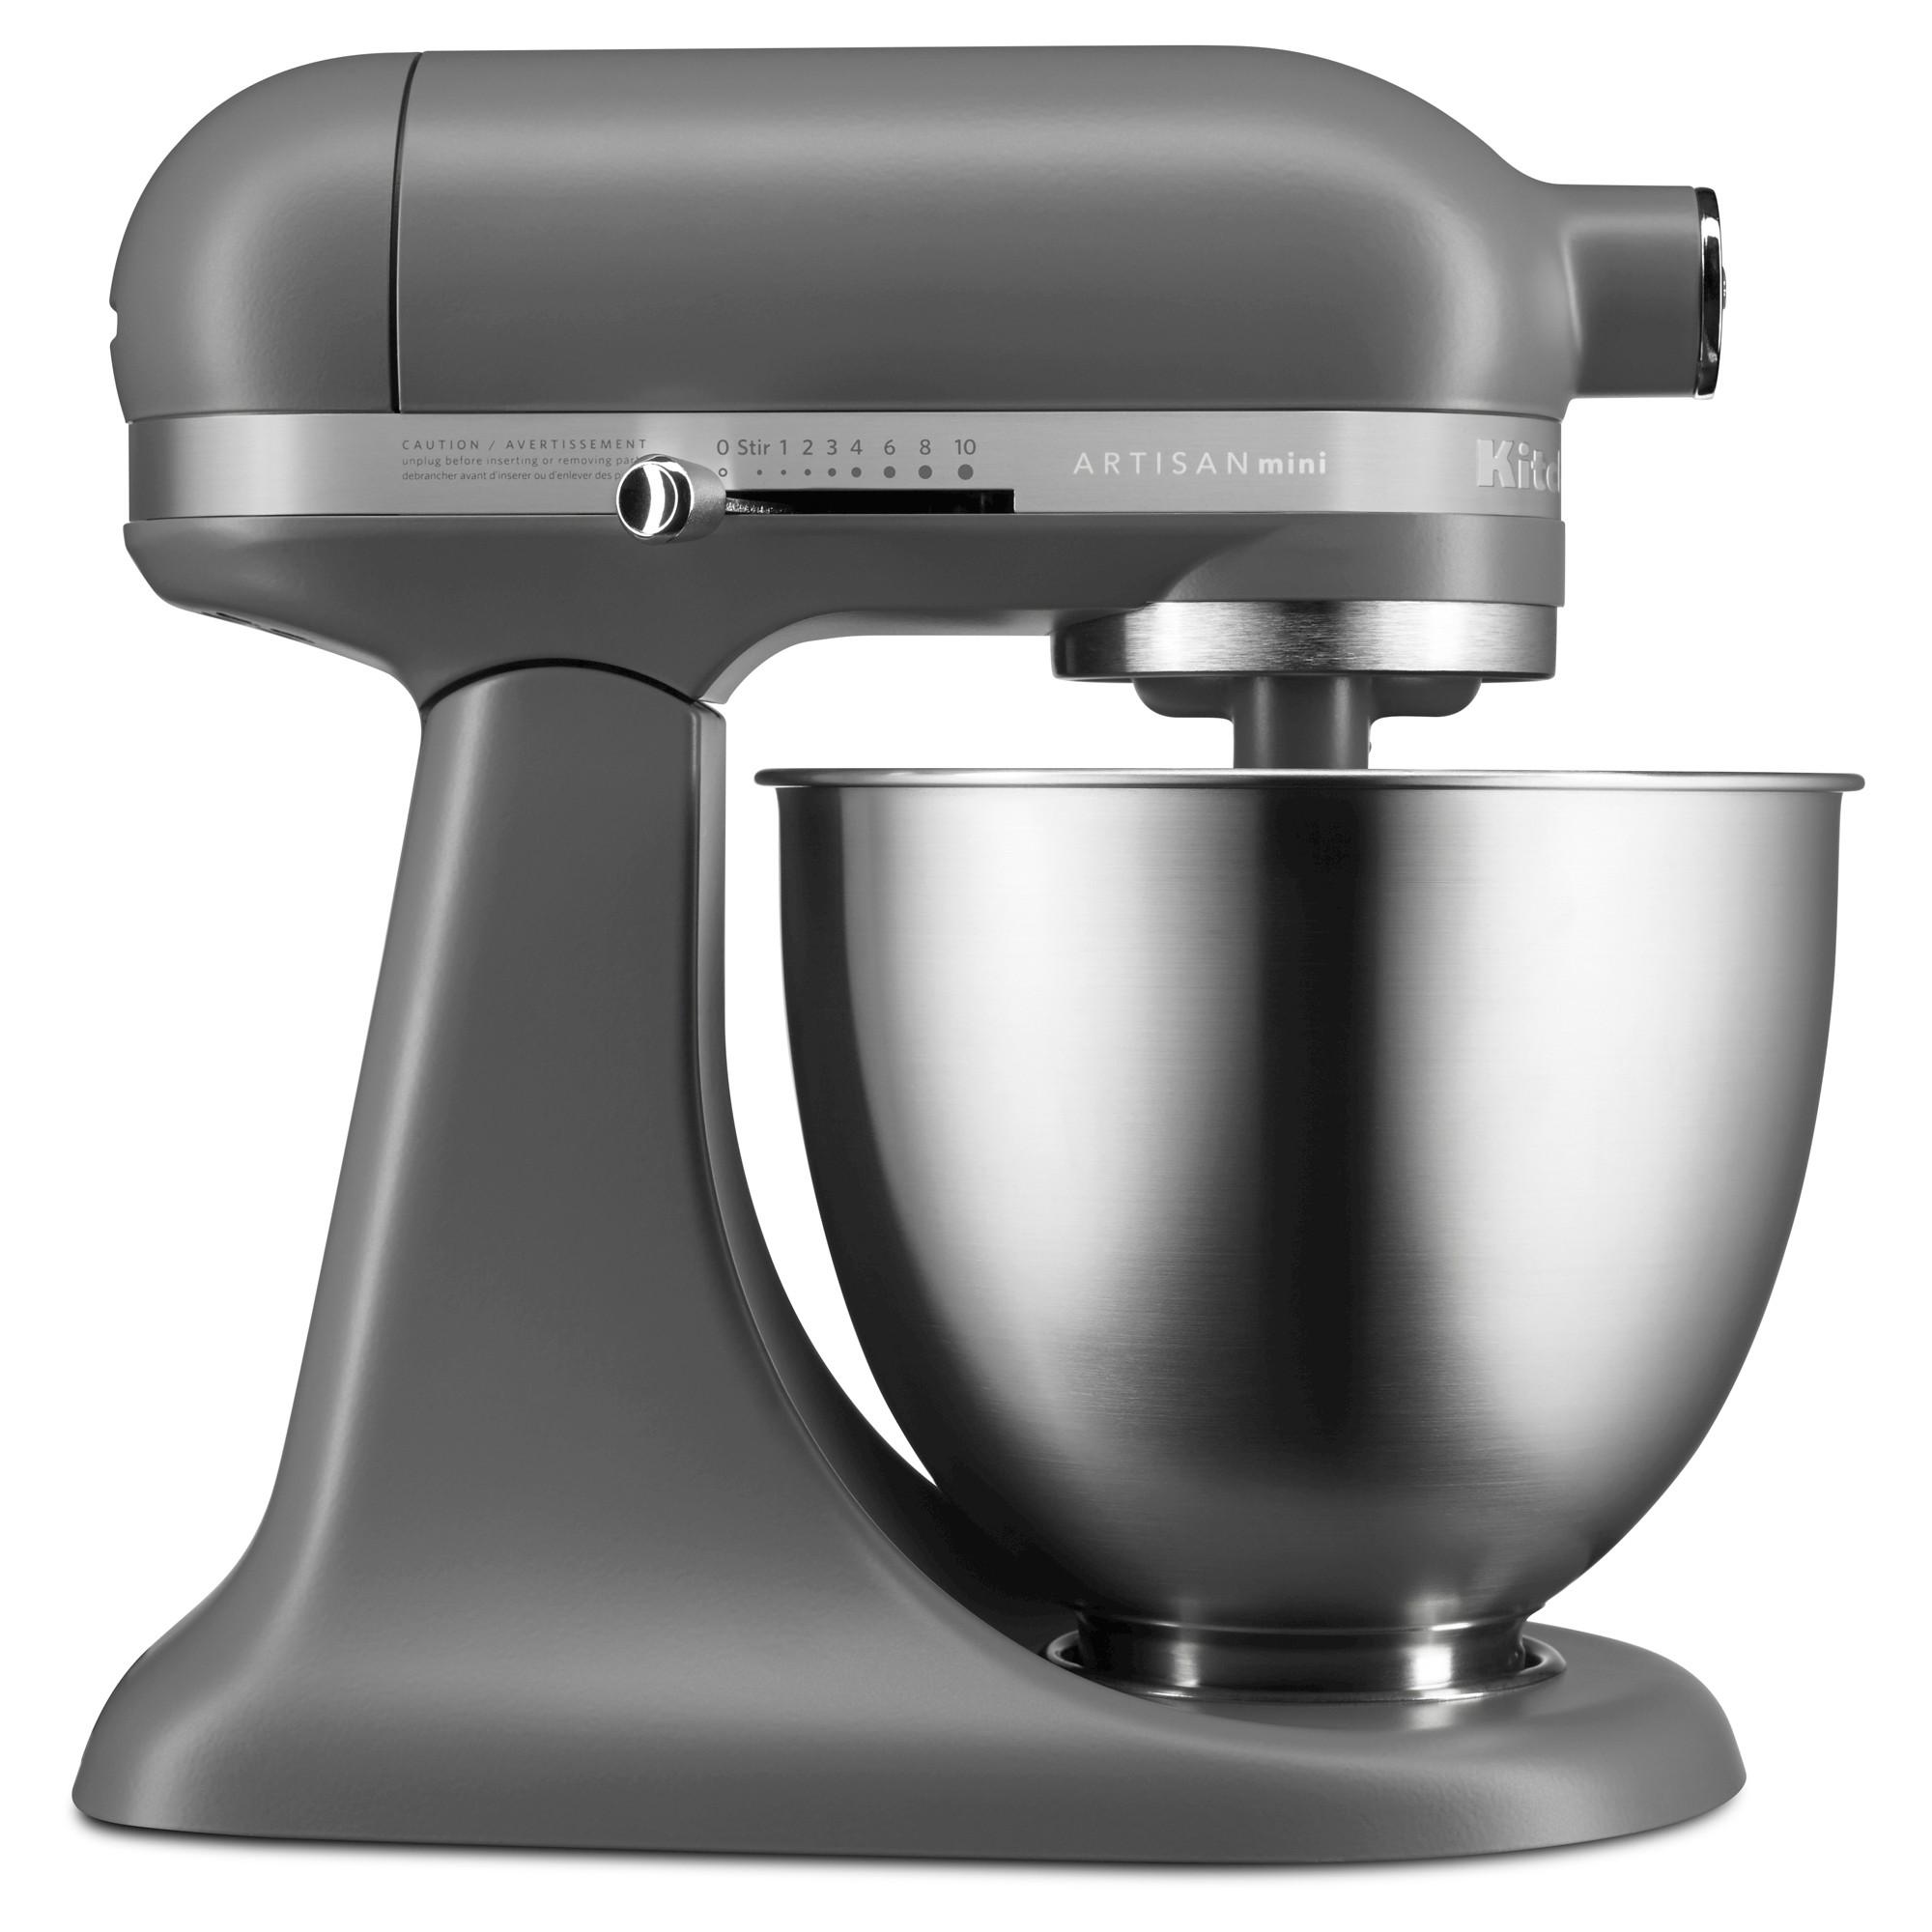 Kitchenaid artisan mini 35 quart tilthead stand mixer